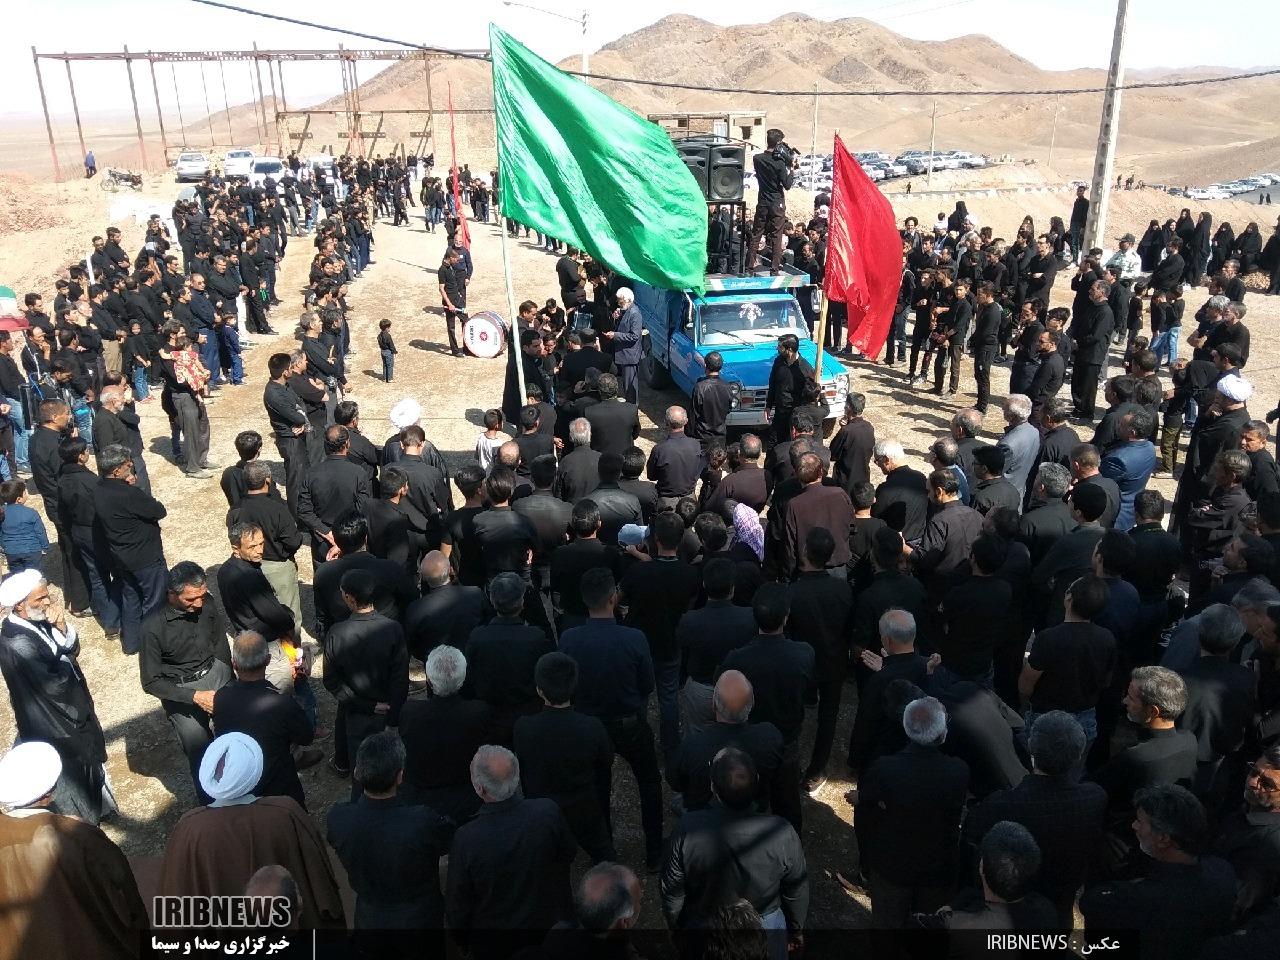 خراسان جنوبی در روز تاسوعای حسینی غرق در ماتم و عزا